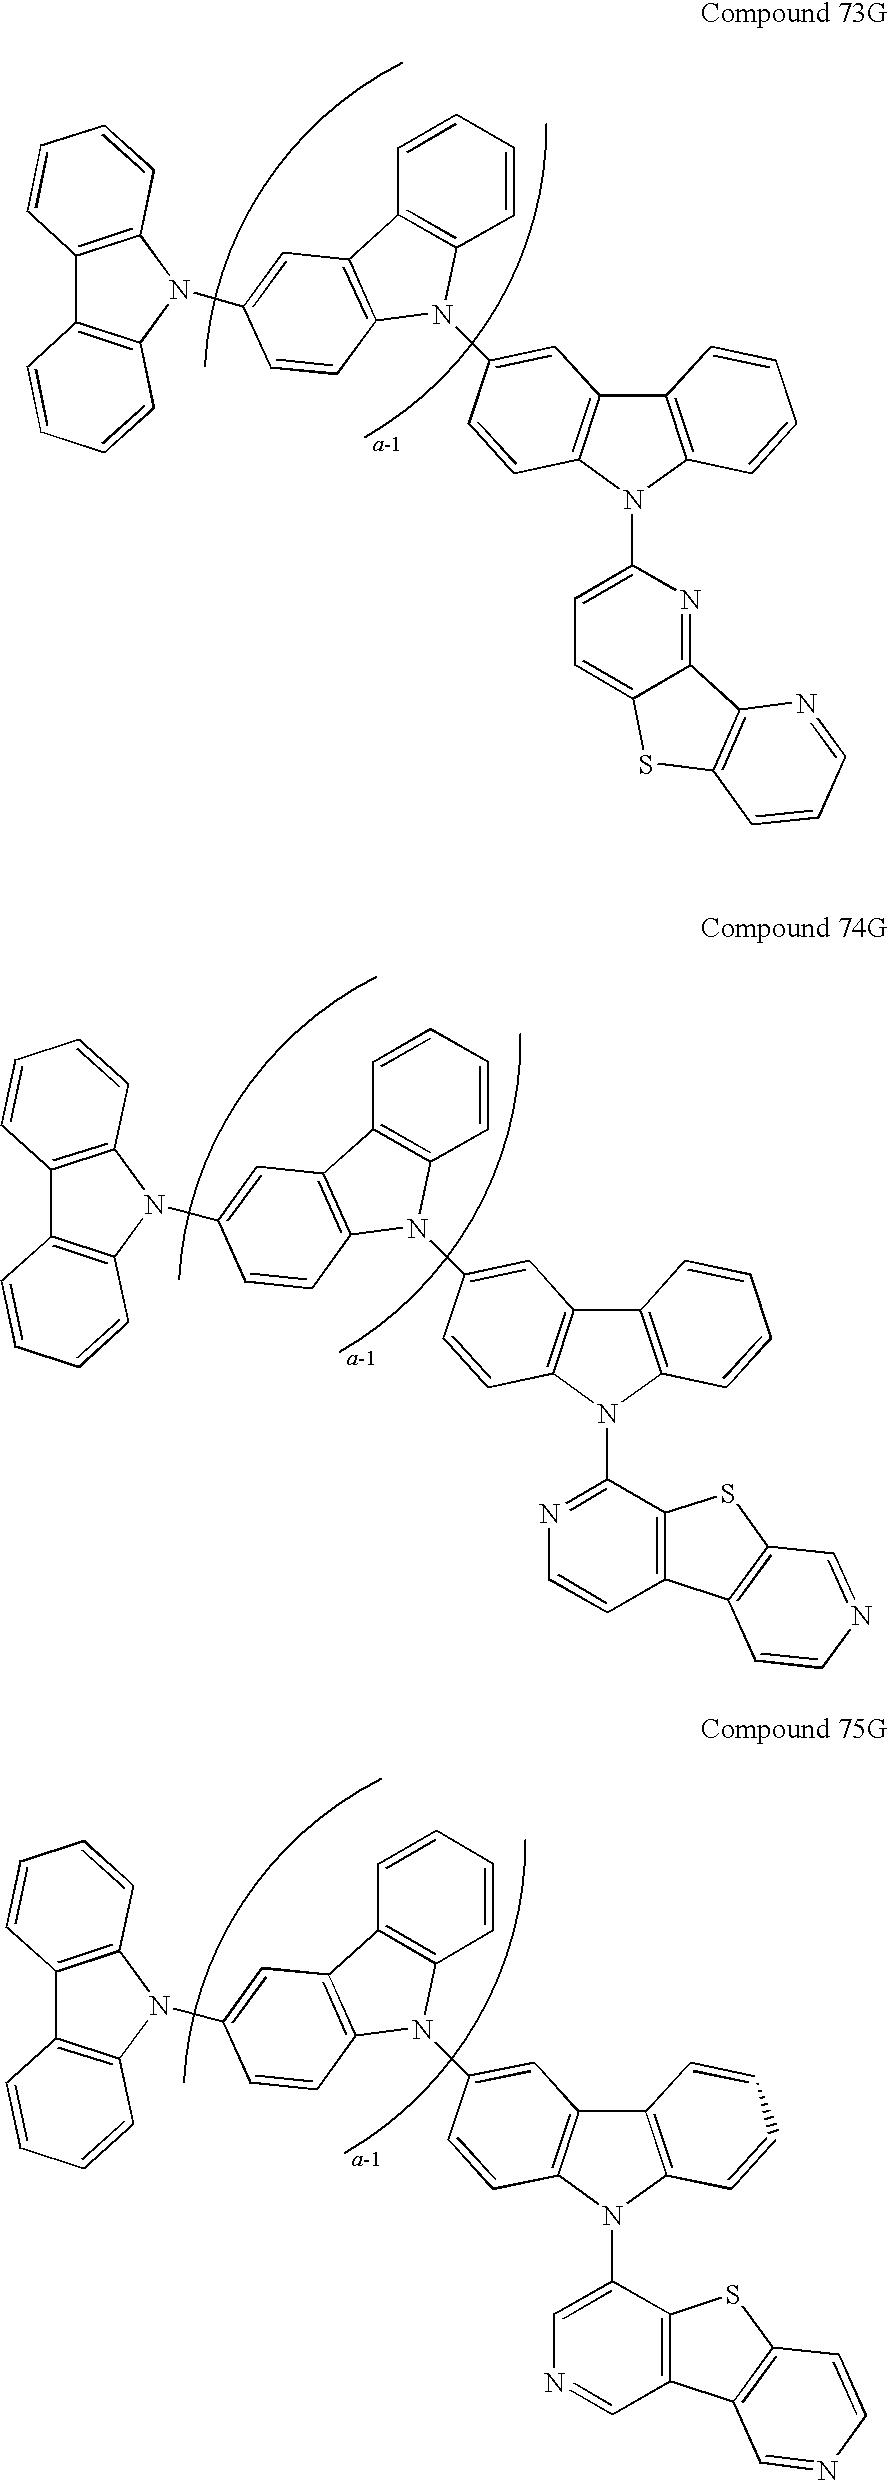 Figure US20090134784A1-20090528-C00028